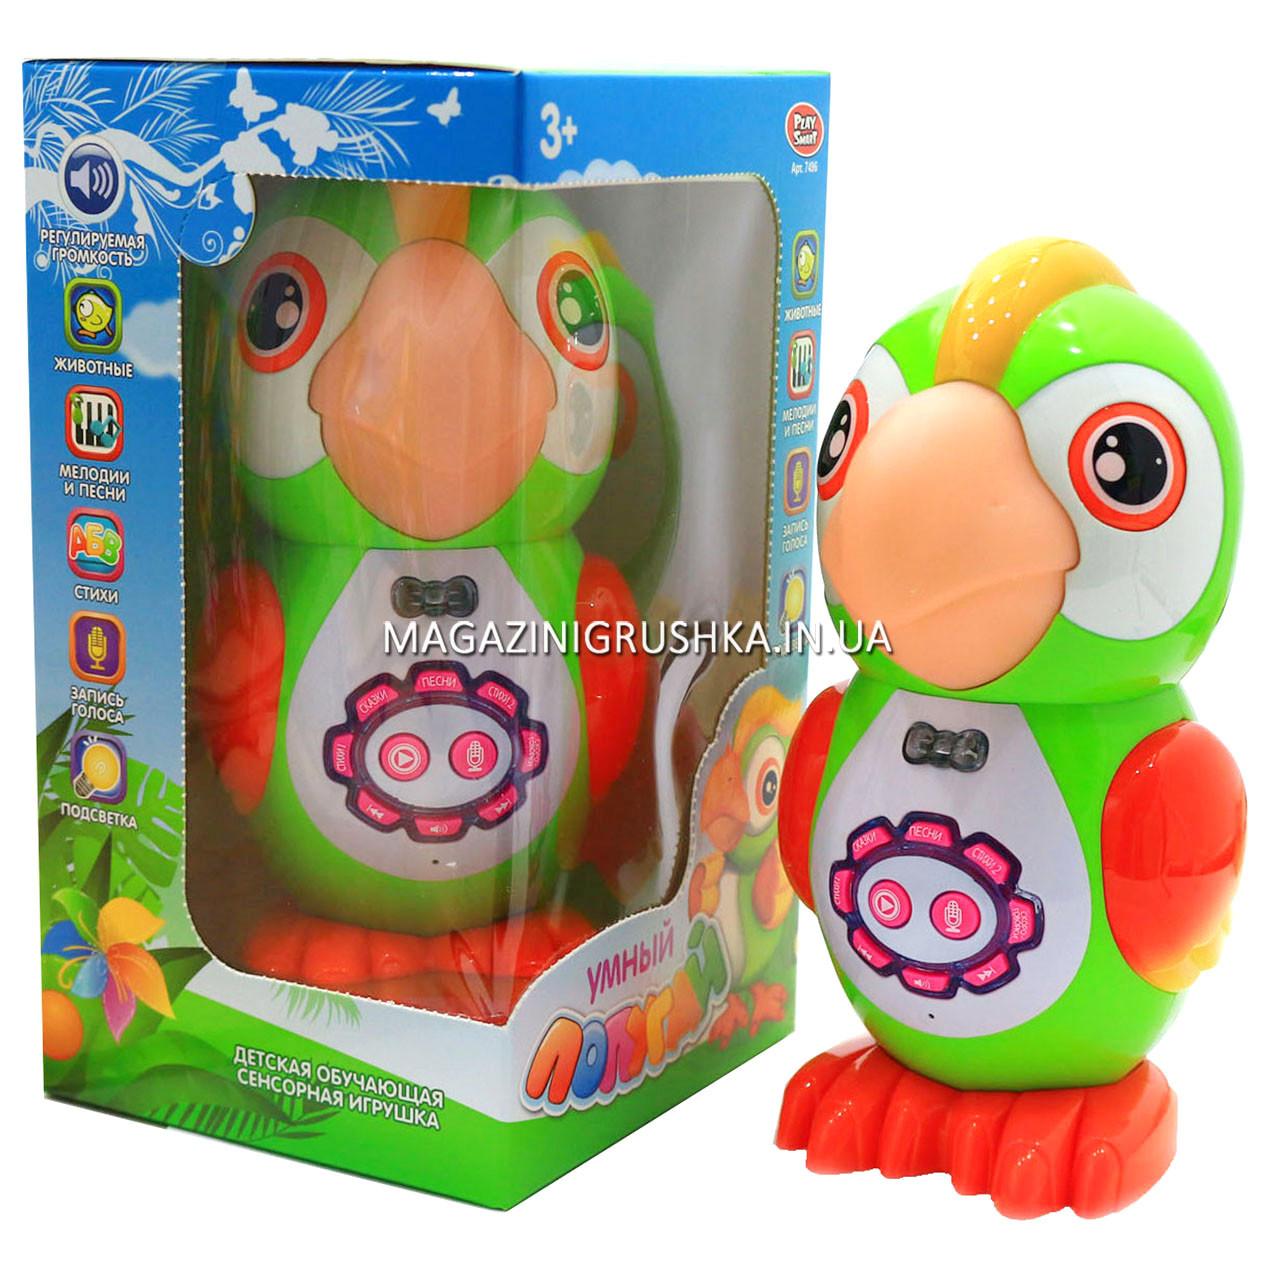 Интерактивная игрушка умный попугай арт. 7496. Детские аудиосказки, стихи, песни и скороговорки